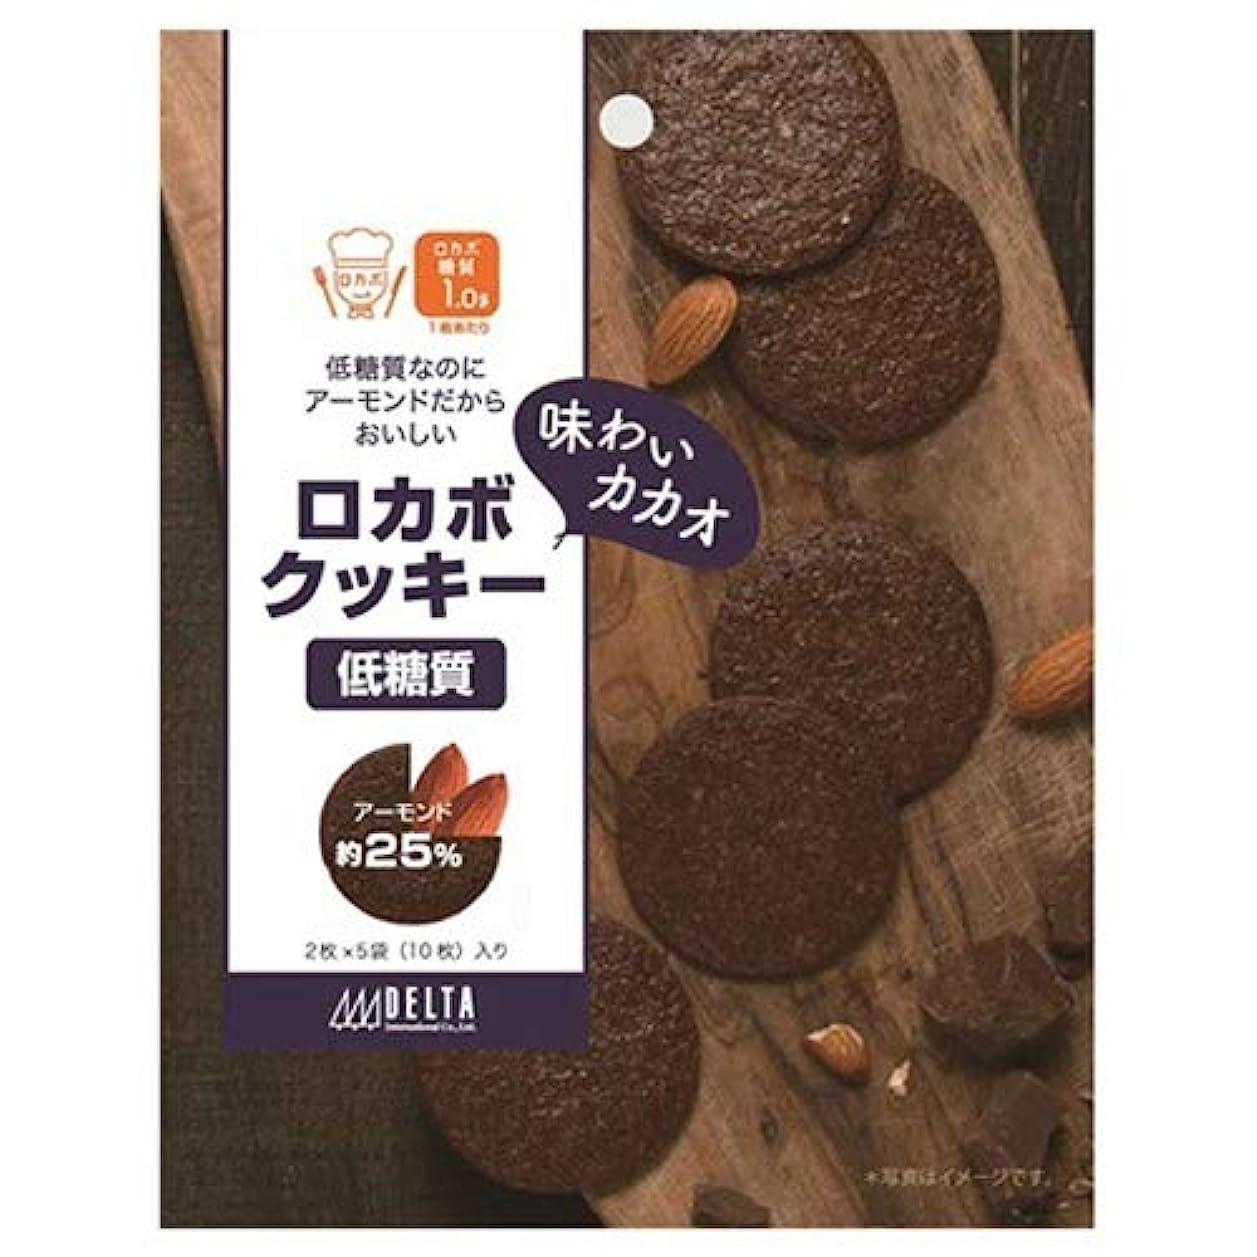 誤風パフロカボクッキー味わいカカオ 10枚